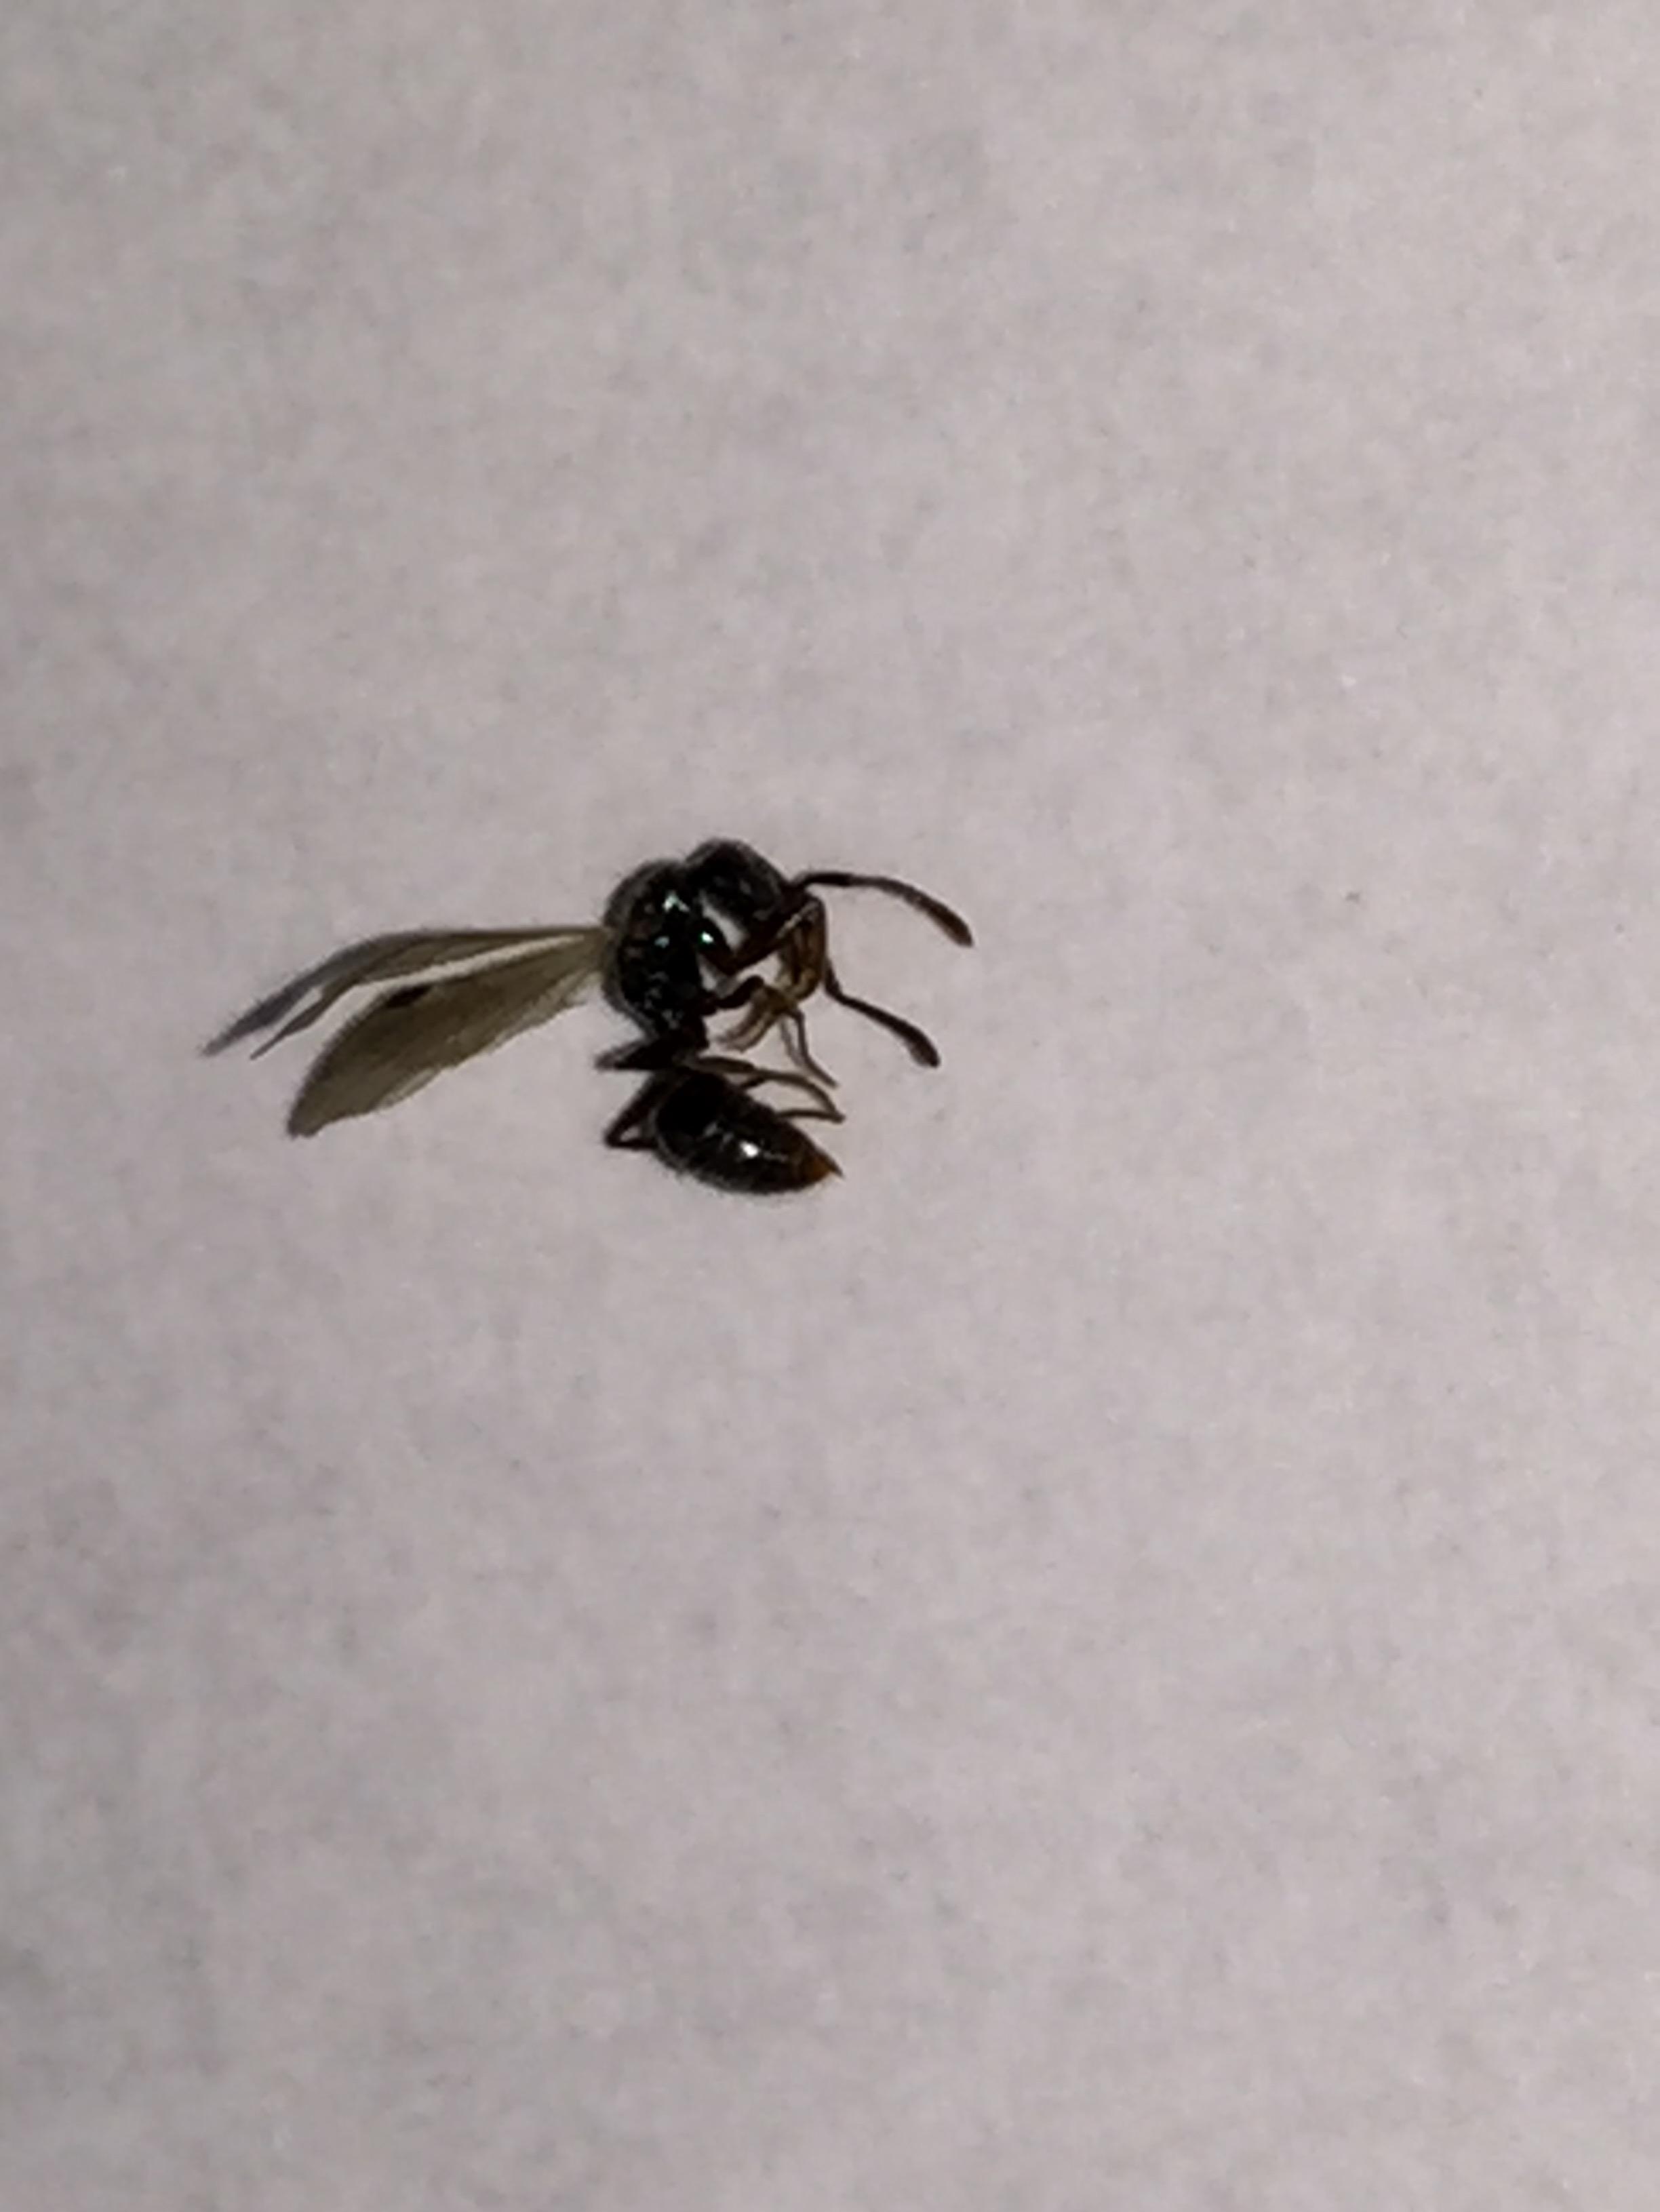 黑色的,还带翅膀的虫子,而且用手去捏它,还捏不死,身体有点硬,大概有3